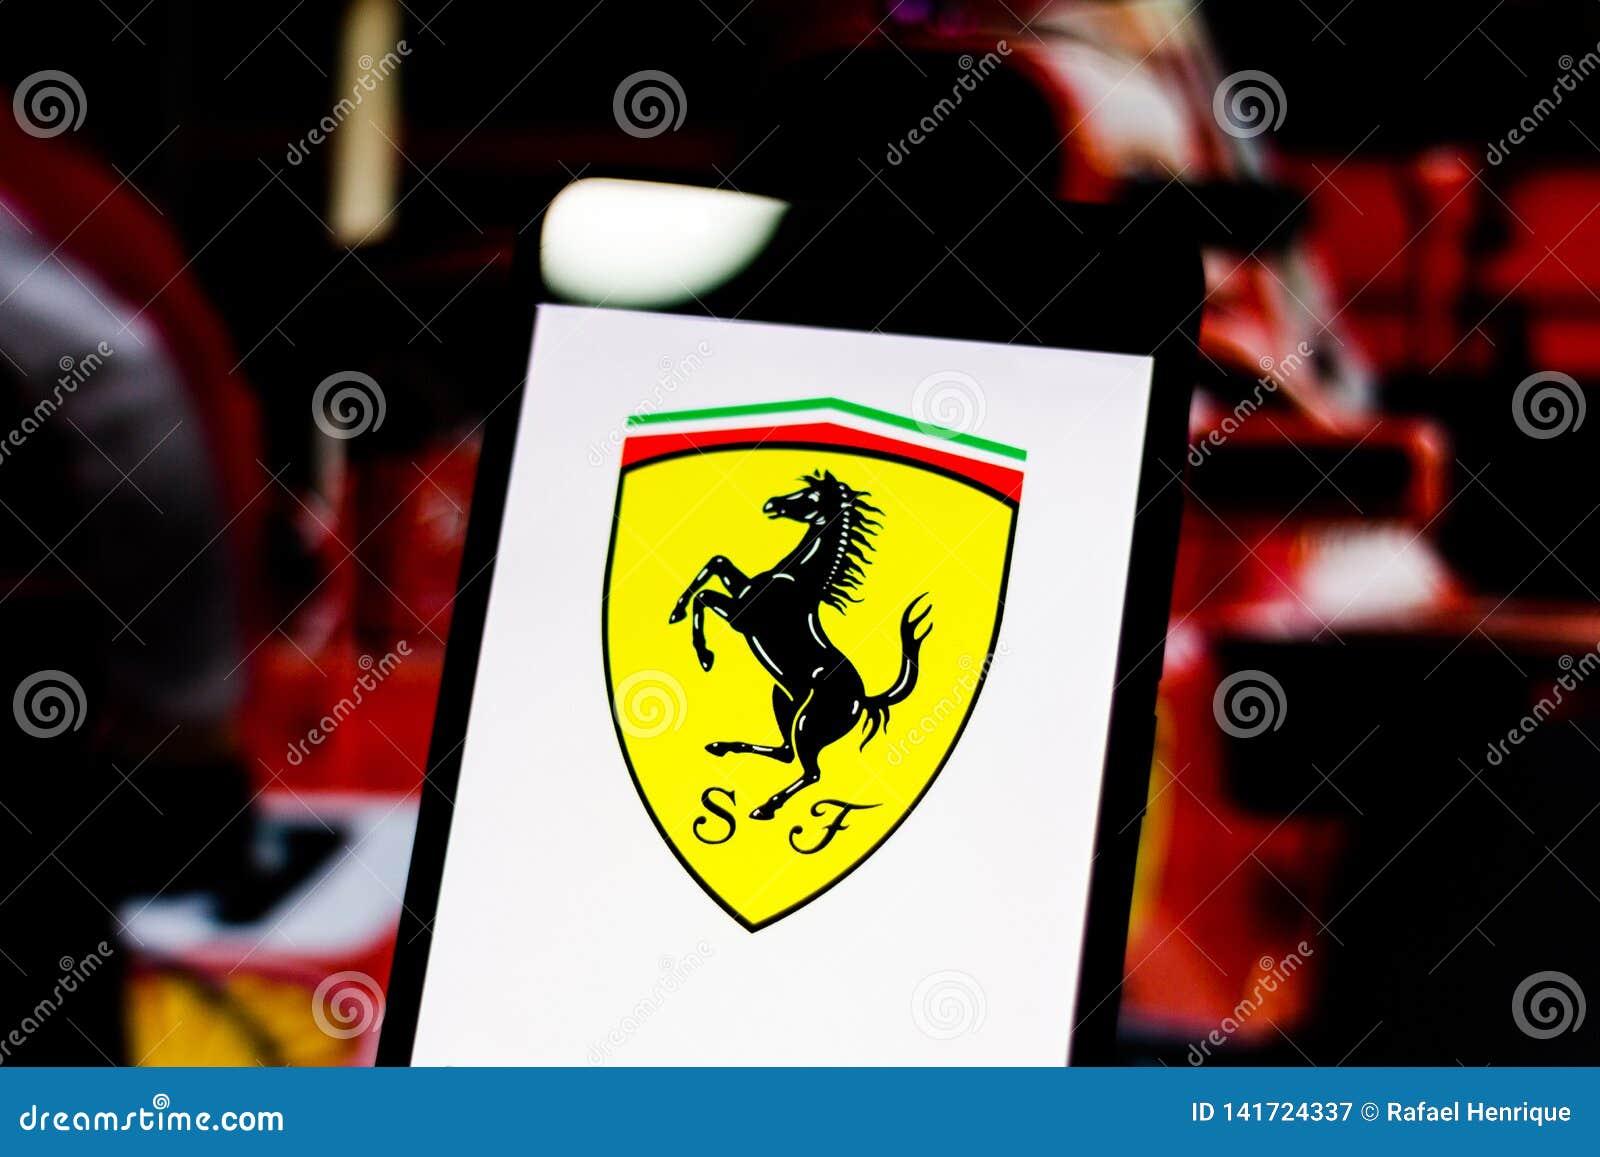 El logotipo de la fórmula 1  misión de Scuderia Ferrari avienta 'al equipo en la pantalla del dispositivo móvil